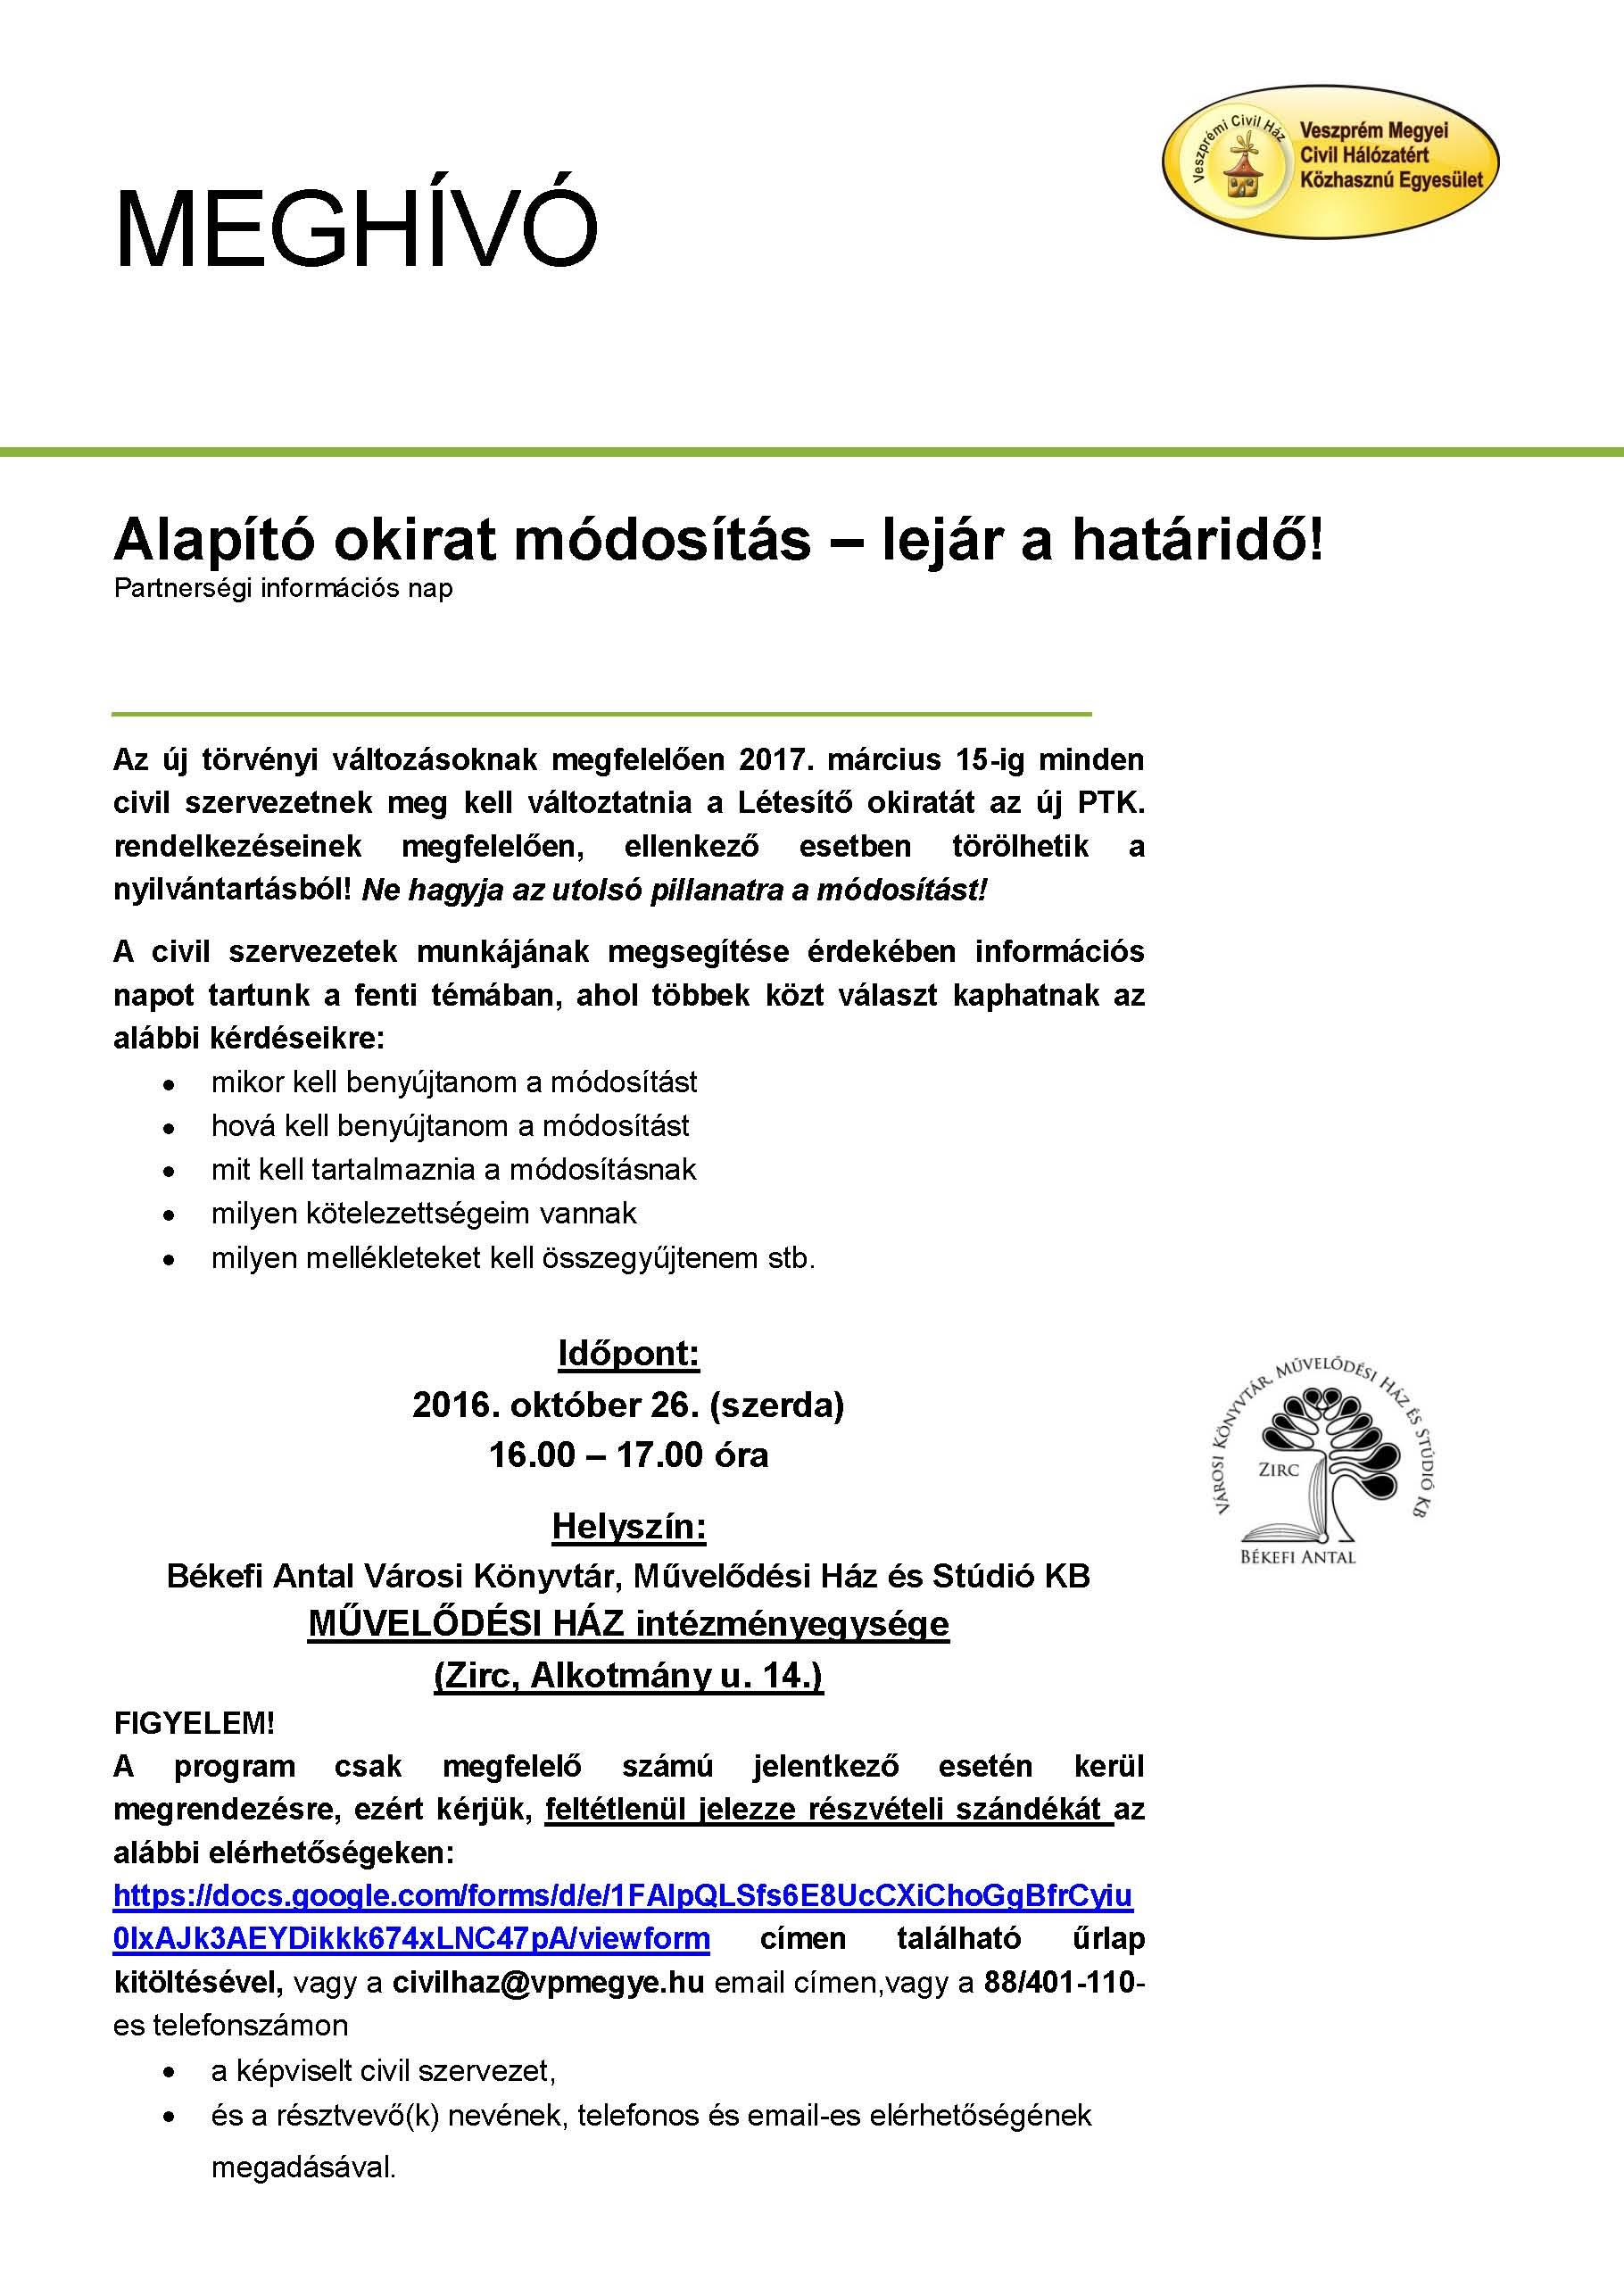 2016-10-26_civil_informacios_centrum.jpg